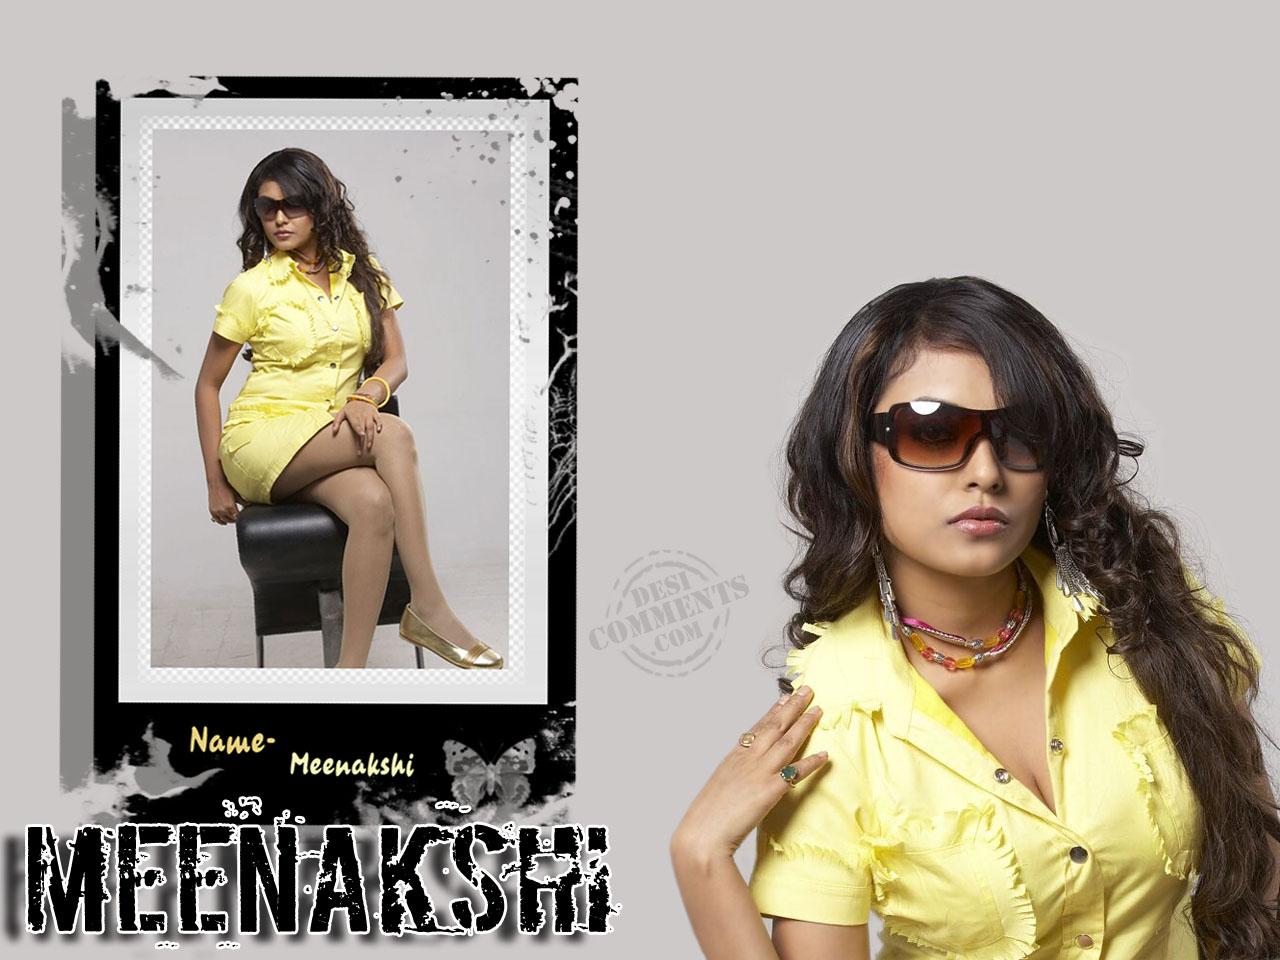 http://1.bp.blogspot.com/-6N8HyvCLraM/TYARy1_n_kI/AAAAAAAAF6o/01dqXoxtbHA/s1600/Meenakshi-Wallpaper-1%255B1%255D.jpg